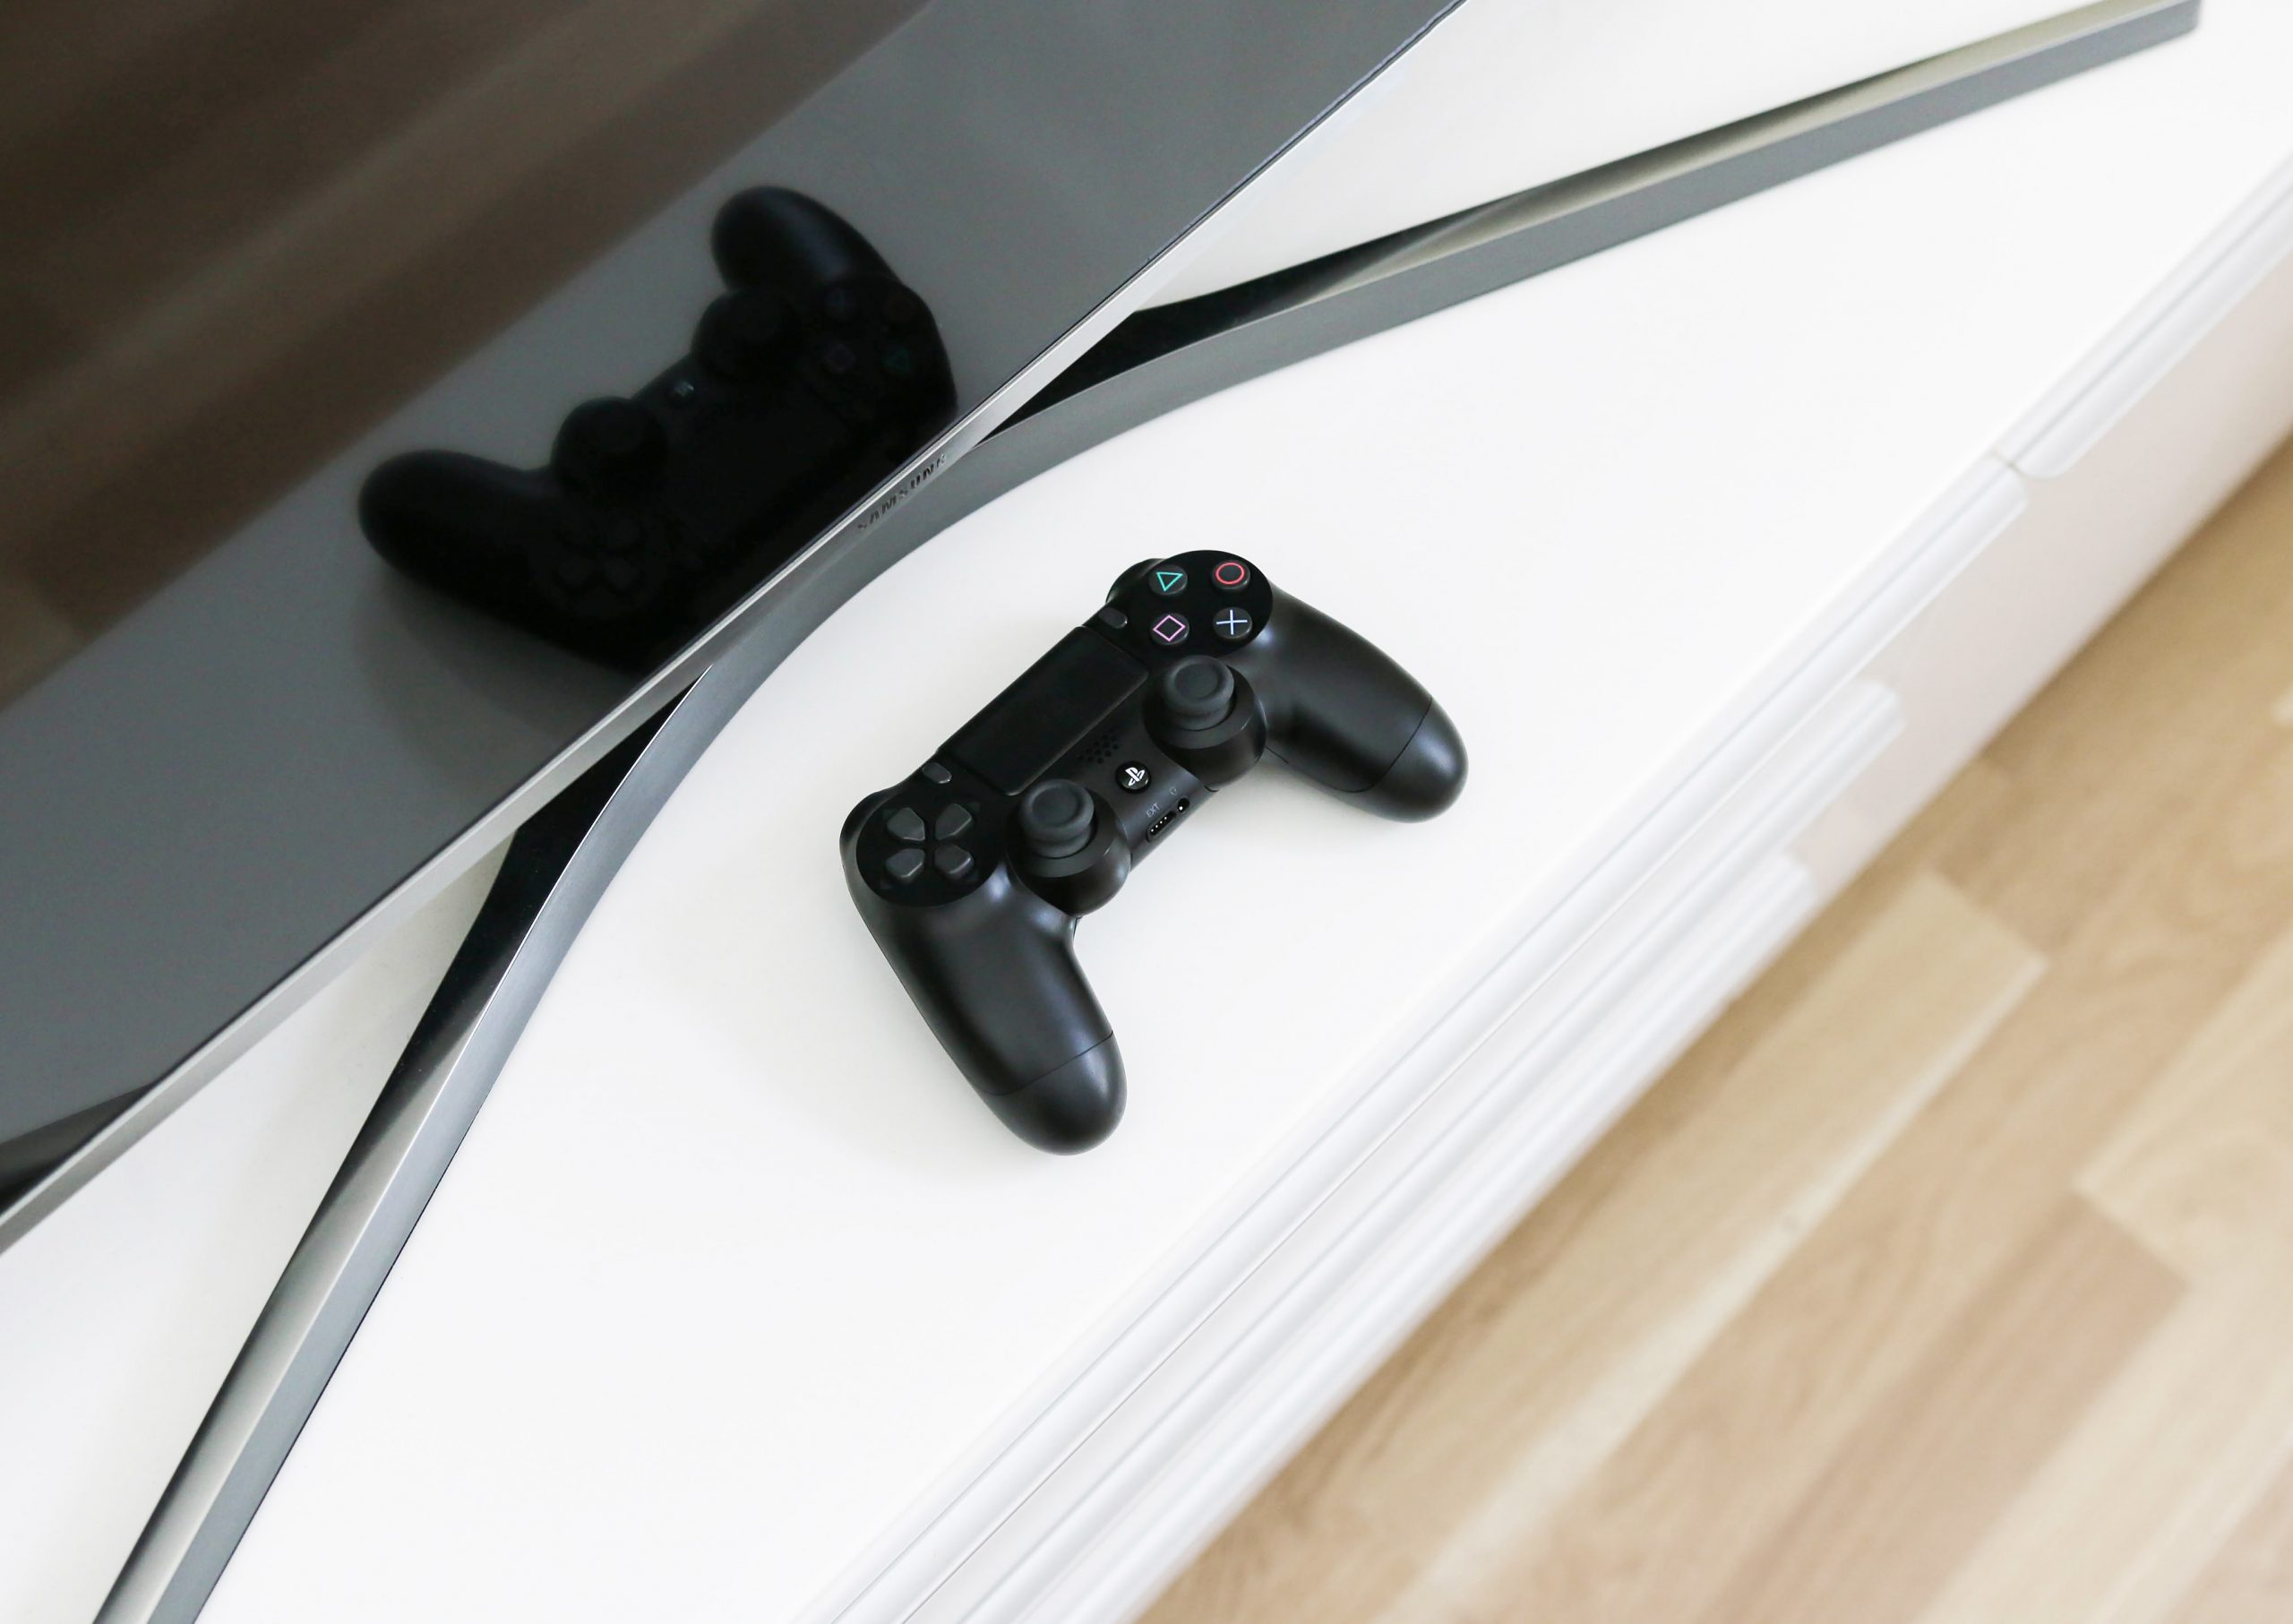 Miglior joystick per PS4 2021: Guida all'acquisto